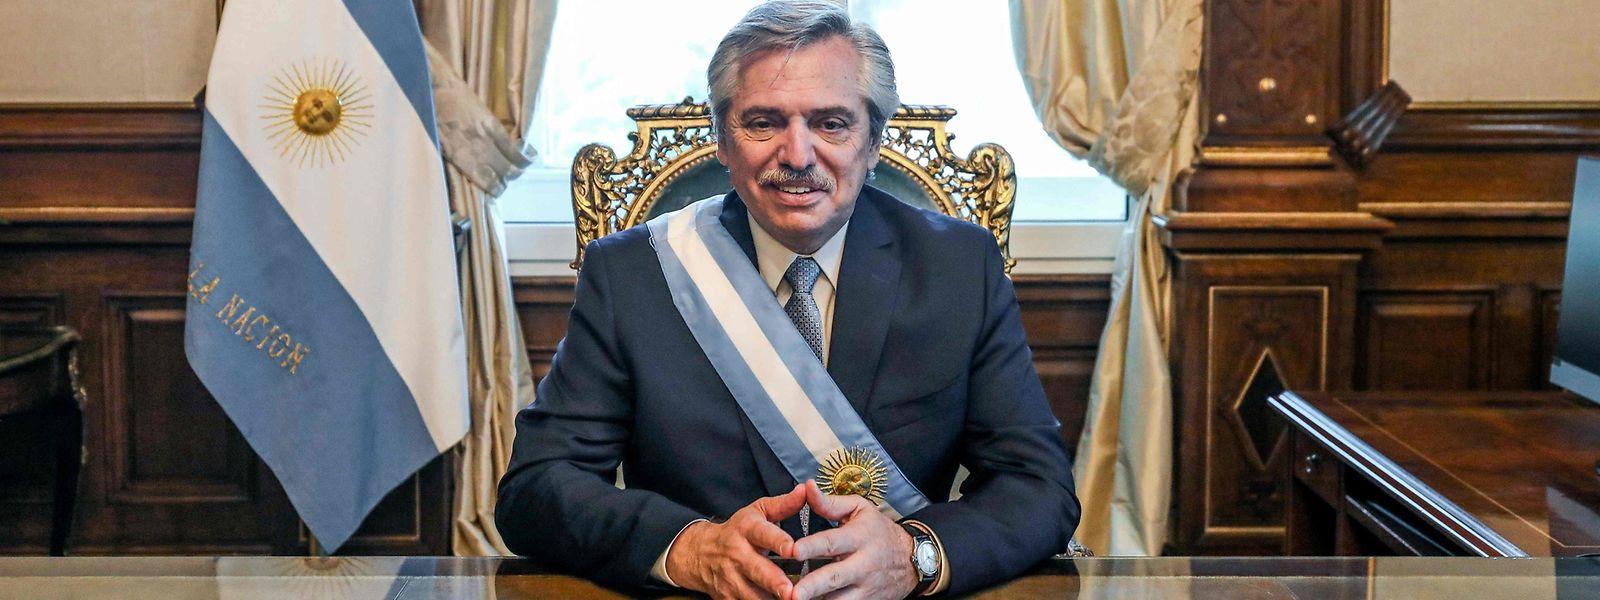 Präsident Alberto Fernández posiert in seinem neuen Büro für die Fotografen.